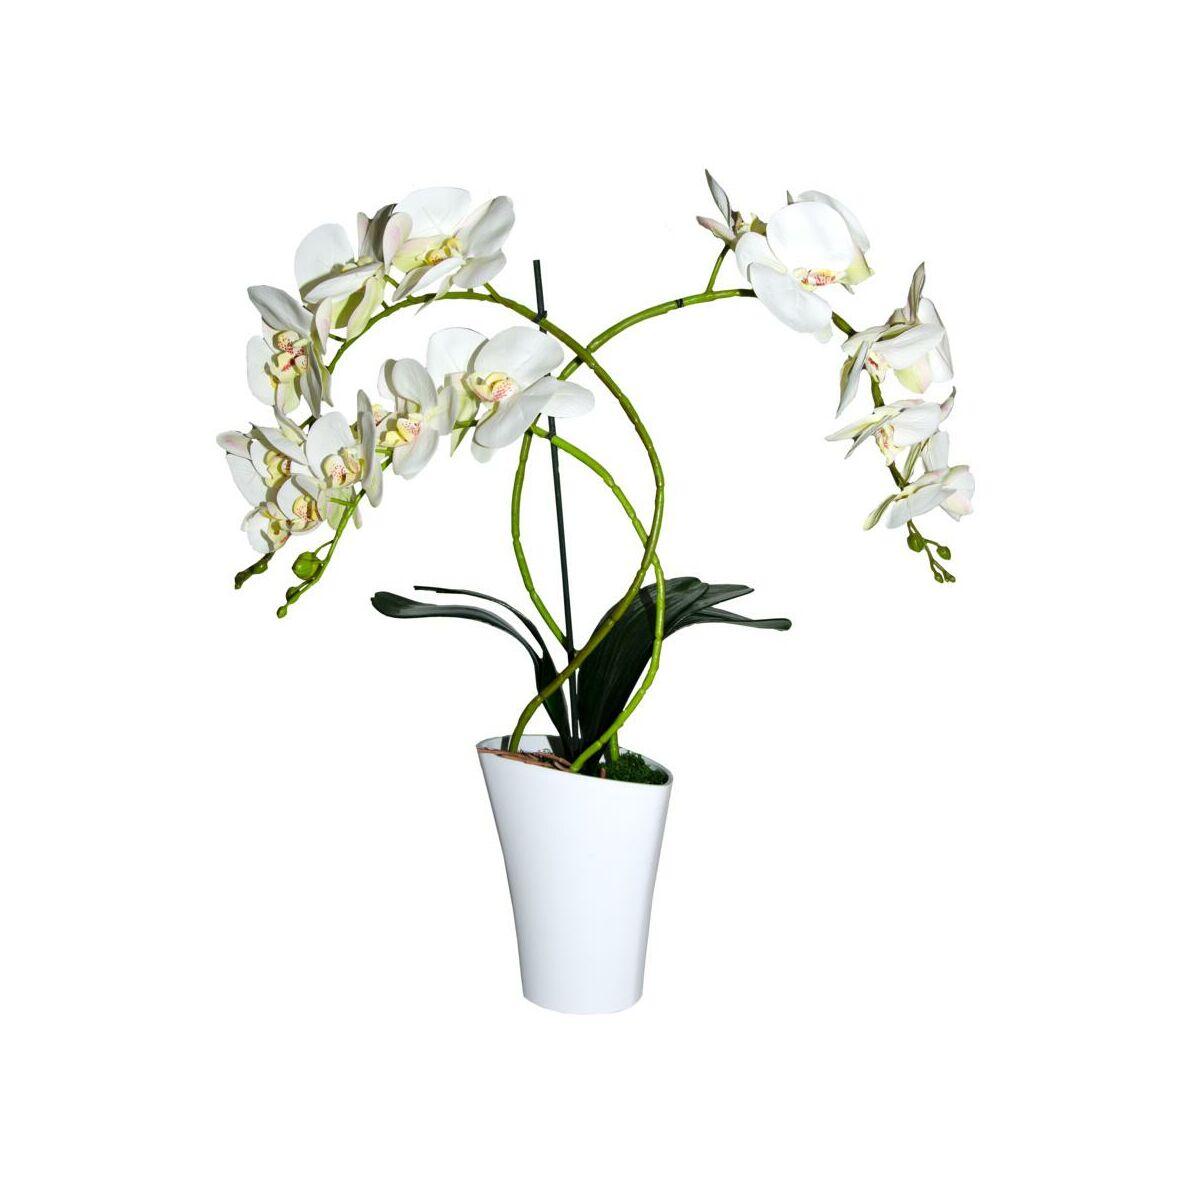 Storczyk Sztuczny W Doniczce 67 Cm Bialy 3 Pedy Sztuczne Kwiaty W Atrakcyjnej Cenie W Sklepach Leroy Merlin